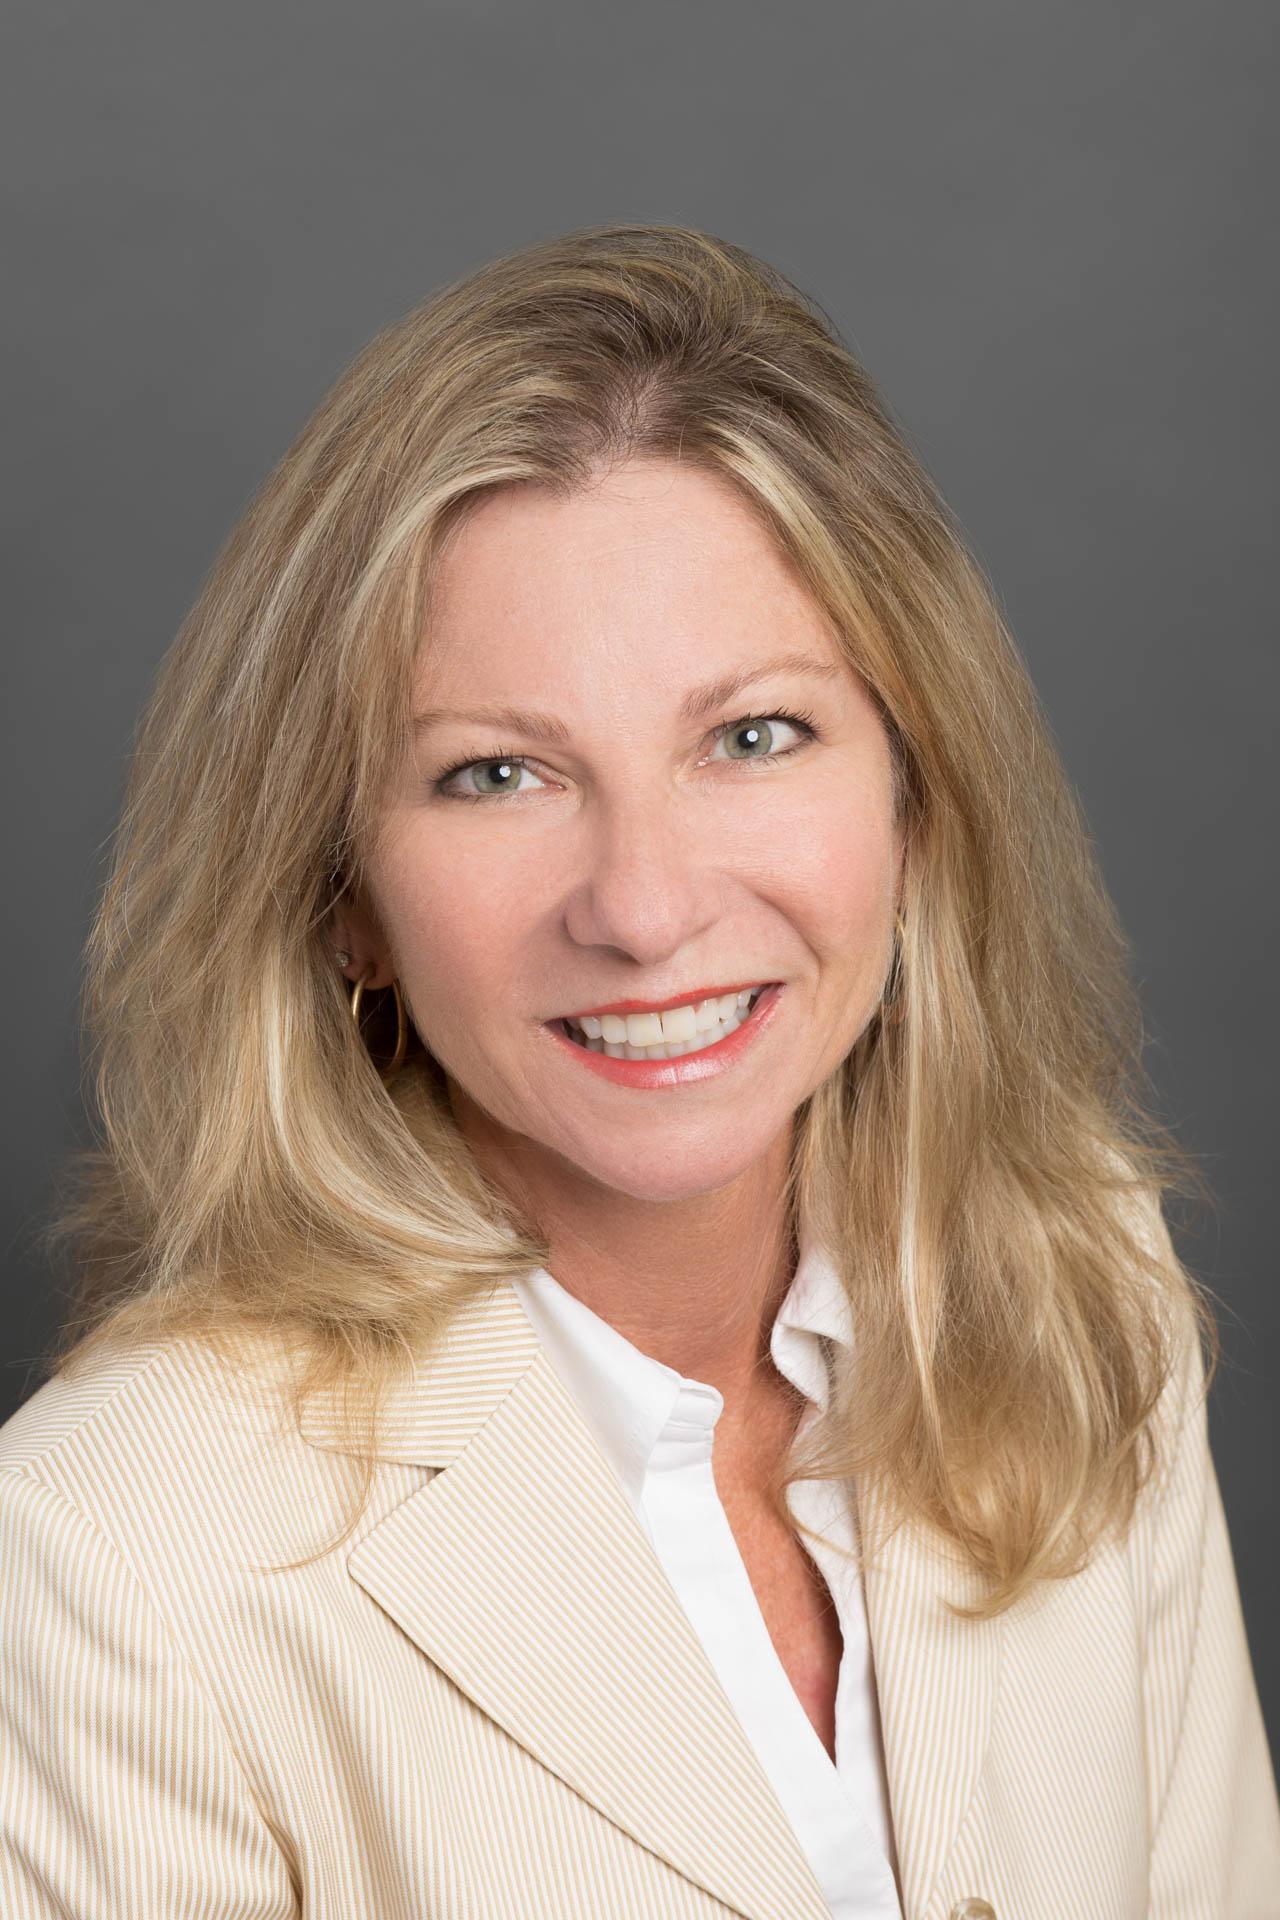 Karen McKeller